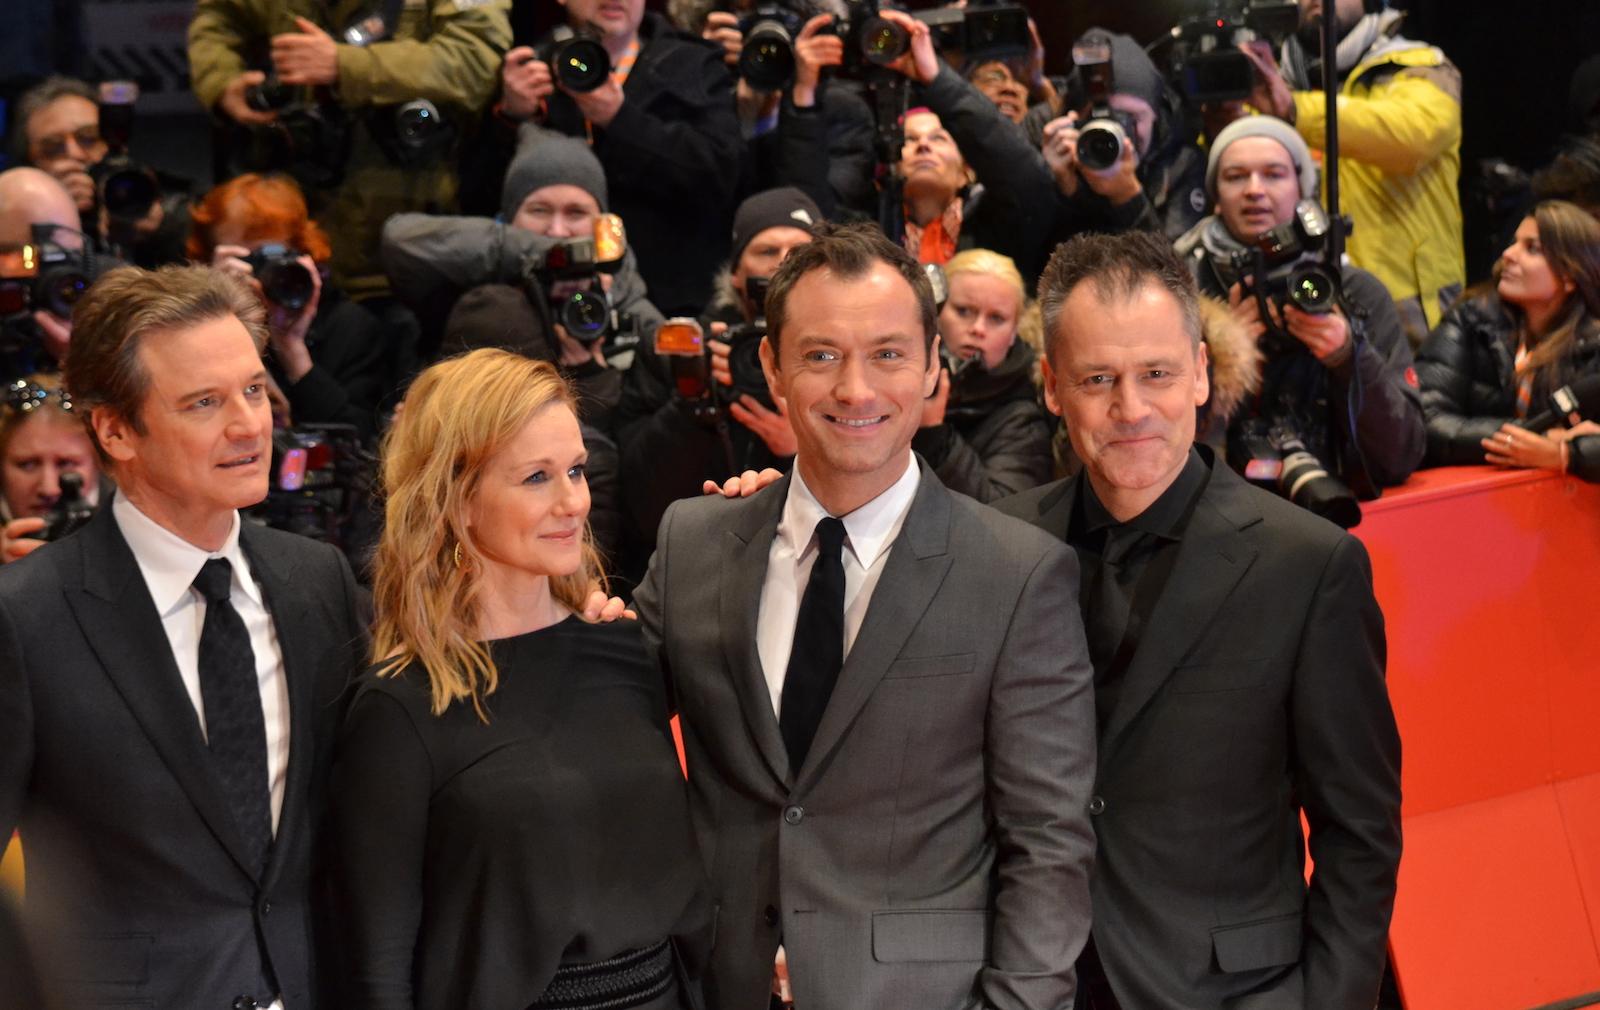 Berlino 2016: Michael Grandage, Jude Law, Laura Linney, Colin Firth sul red carpet di Genius